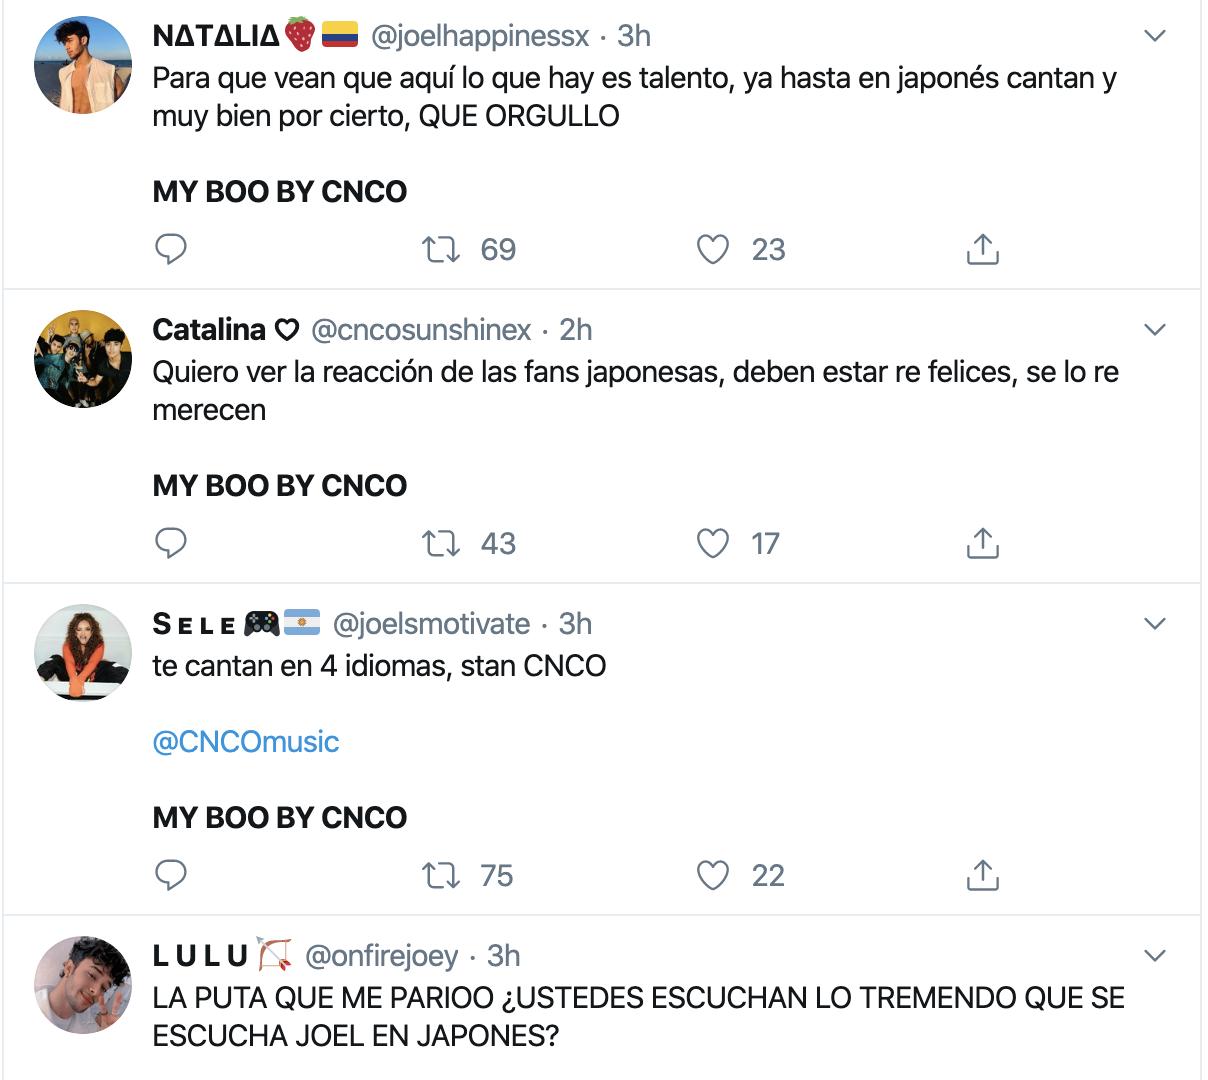 Tuits sobre My Boo de CNCO